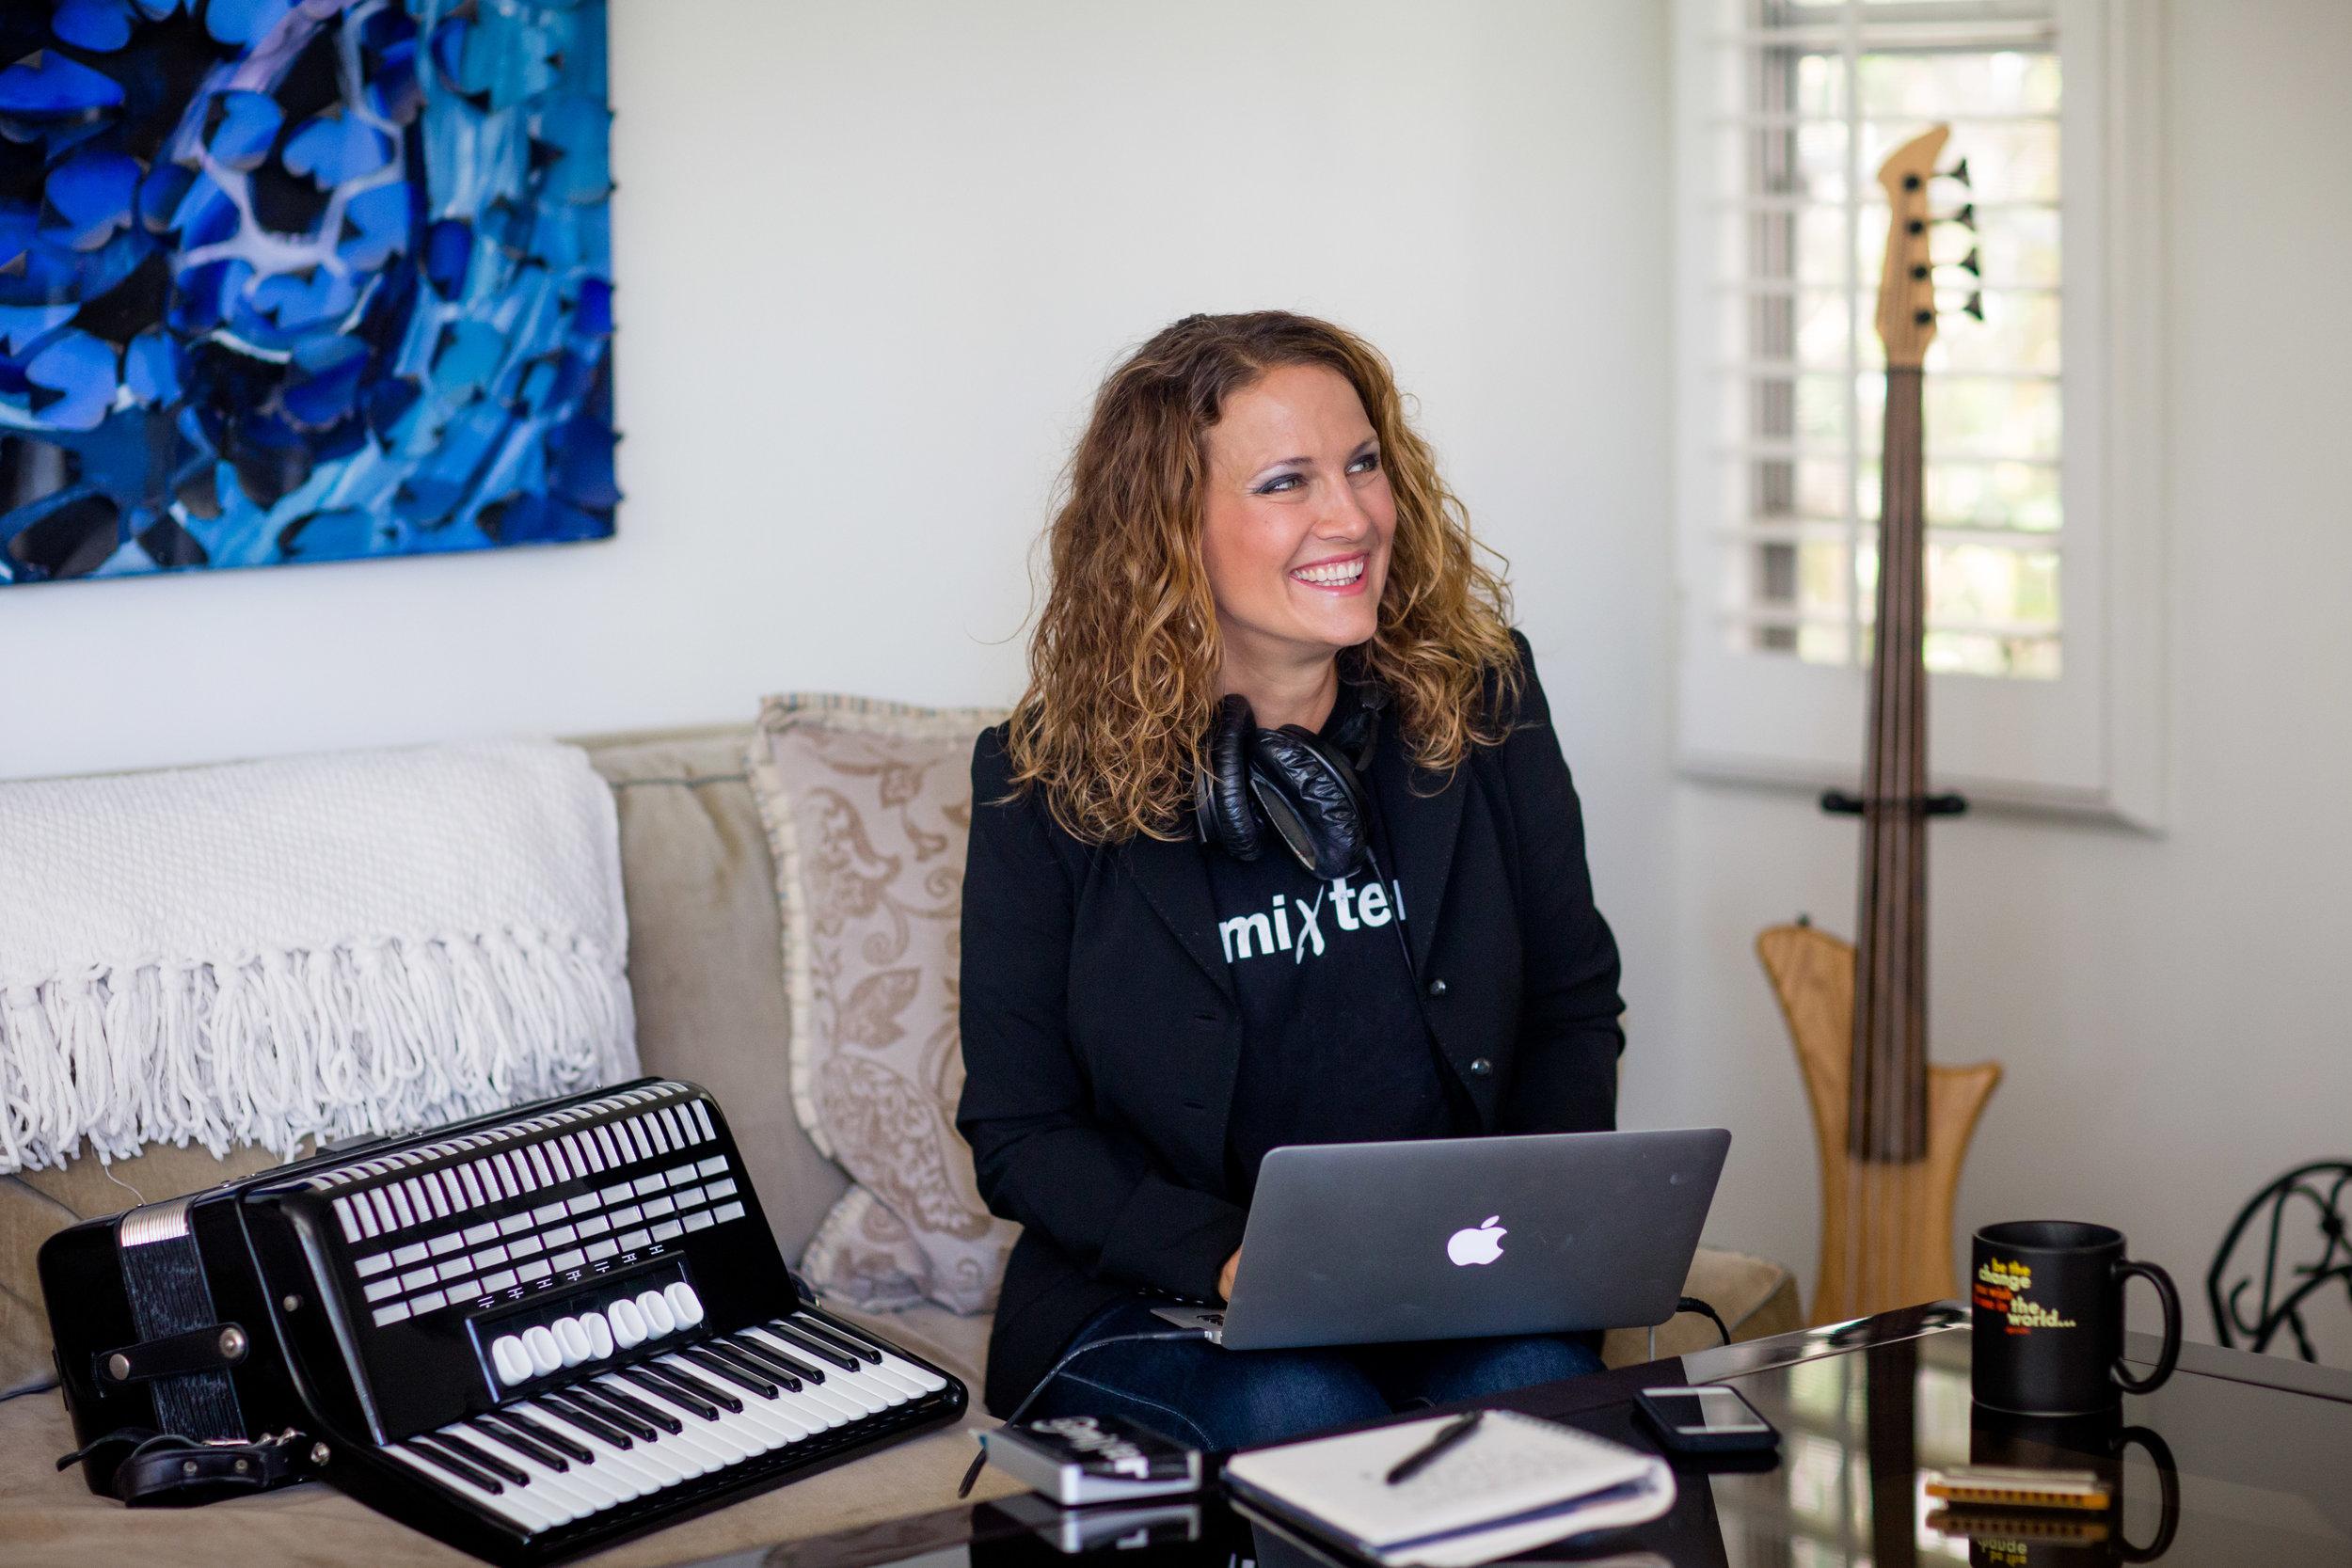 ccMixter - entrepreneur — supporting musicians worldwide.